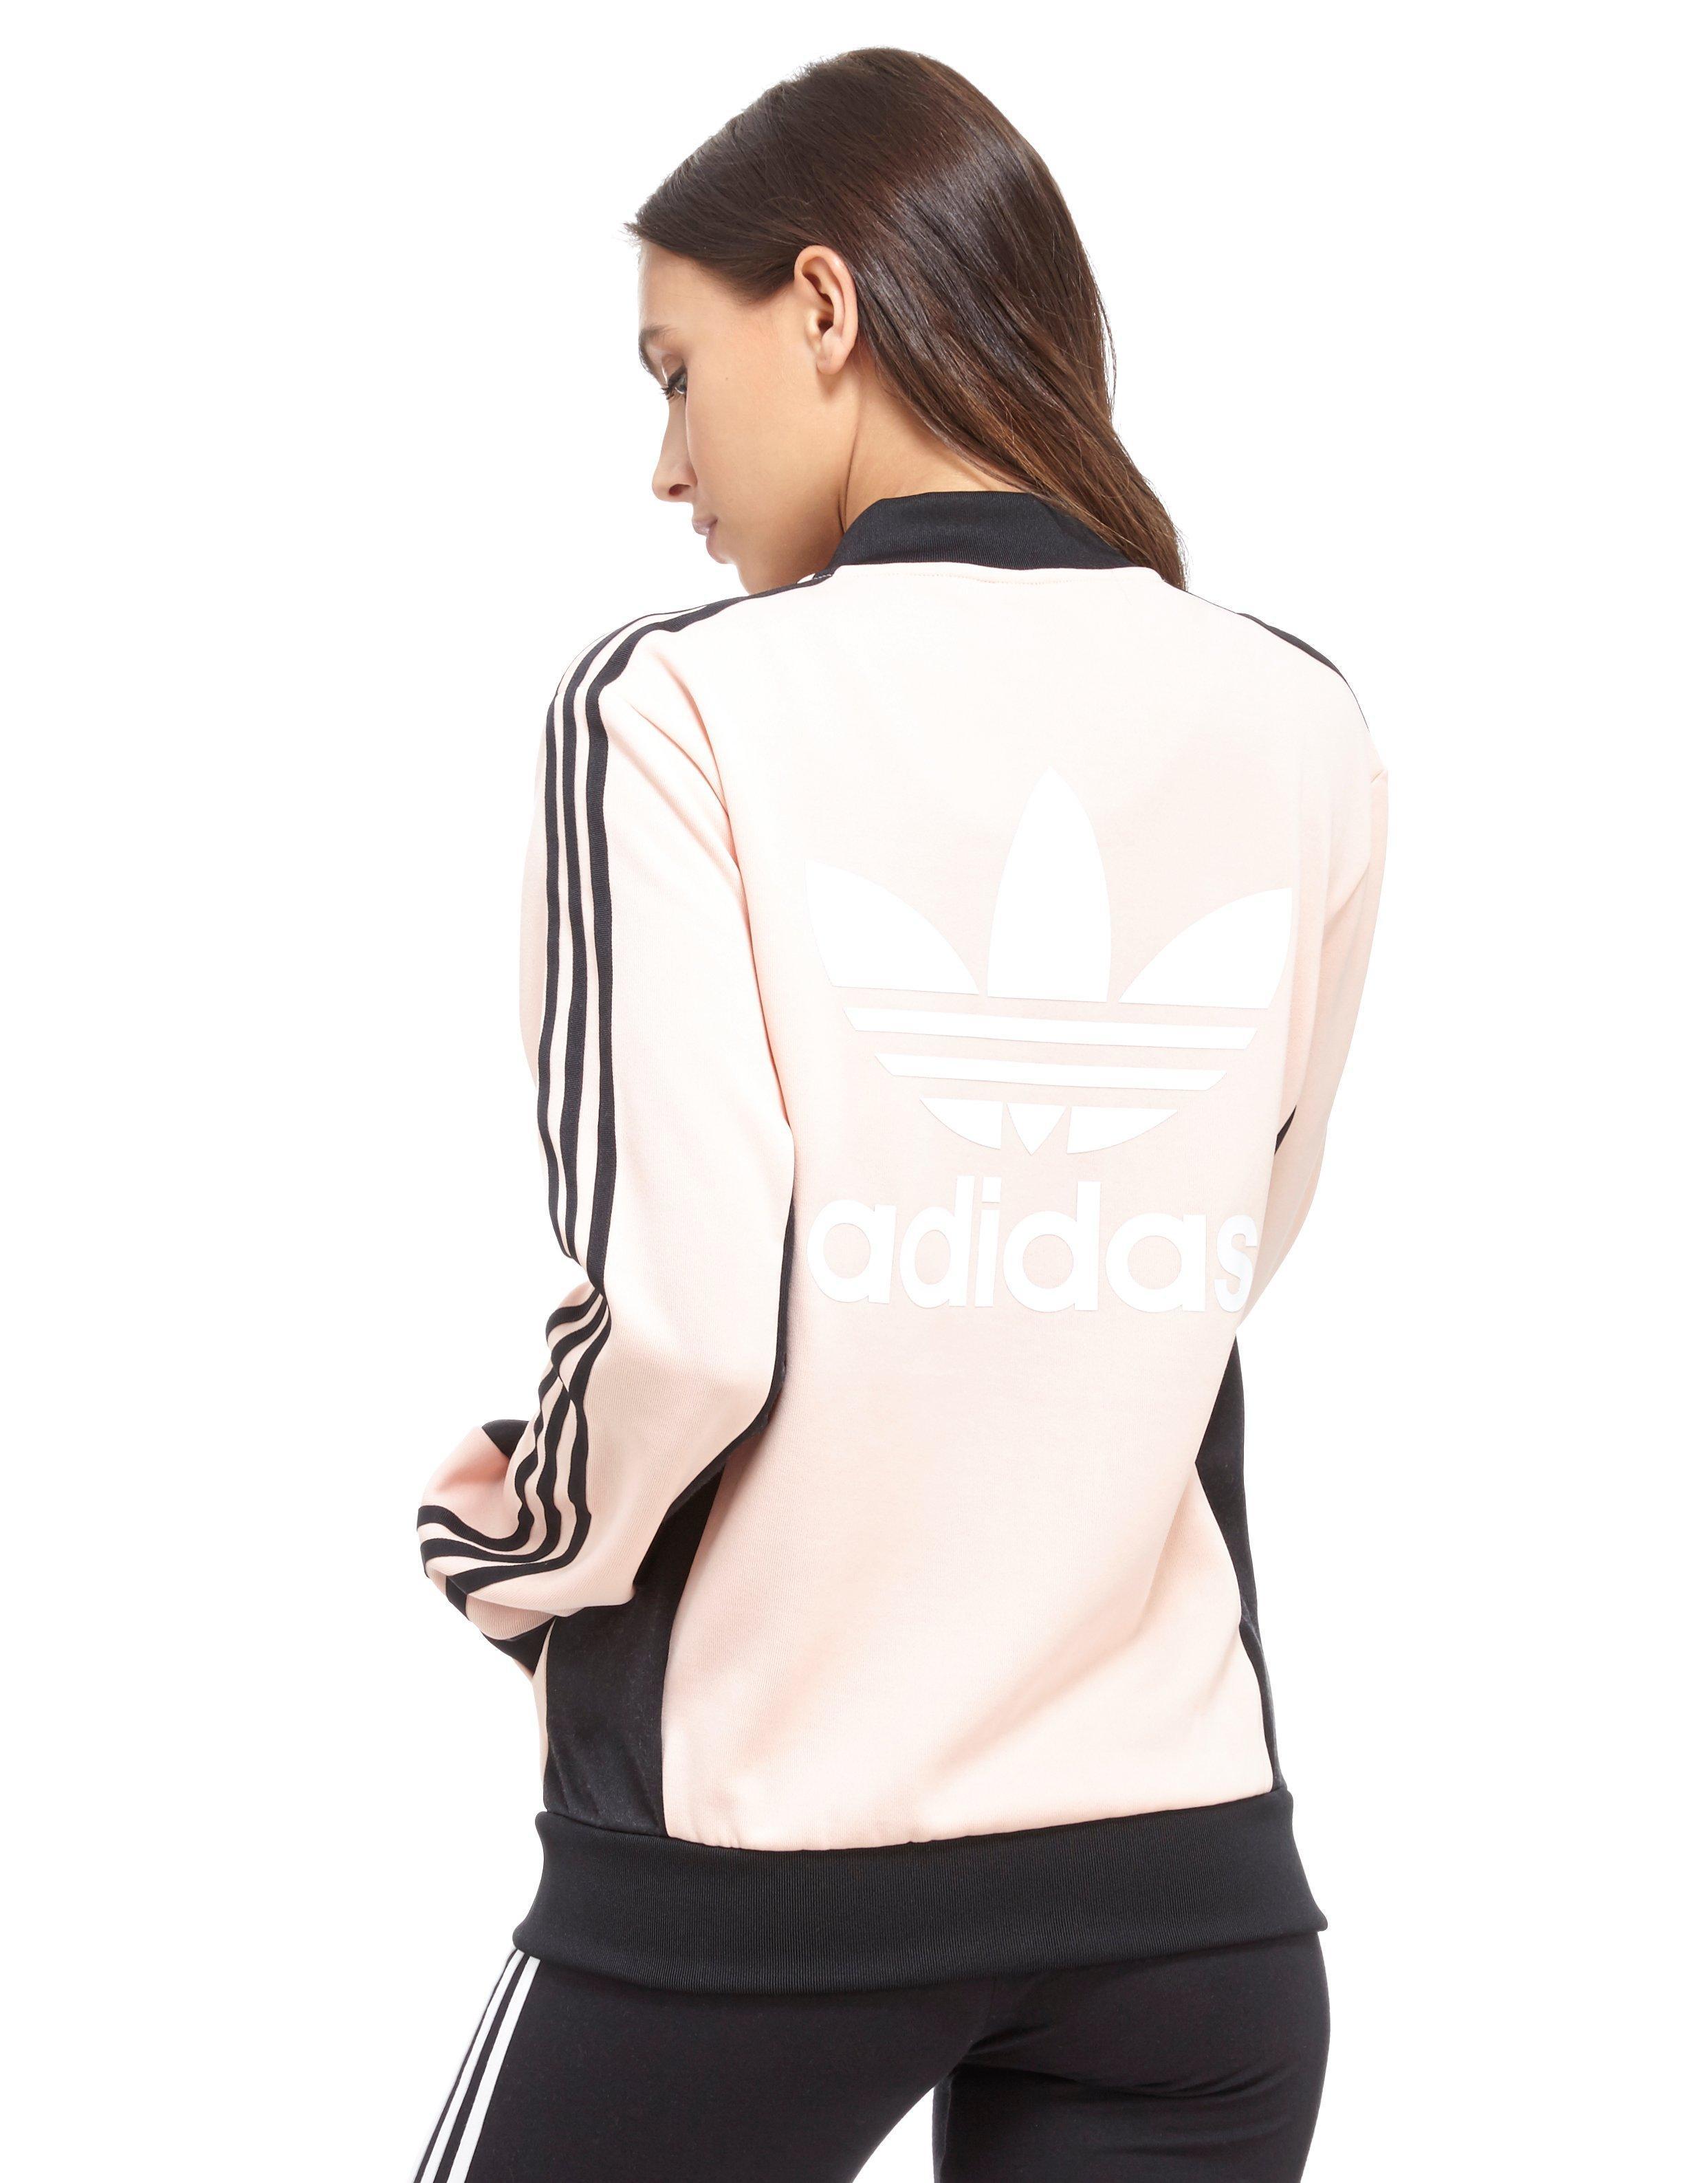 Adidas Top Ten Hi Sleek Bow Zip Trainers: Adidas Originals Supergirl Track Top In Pink